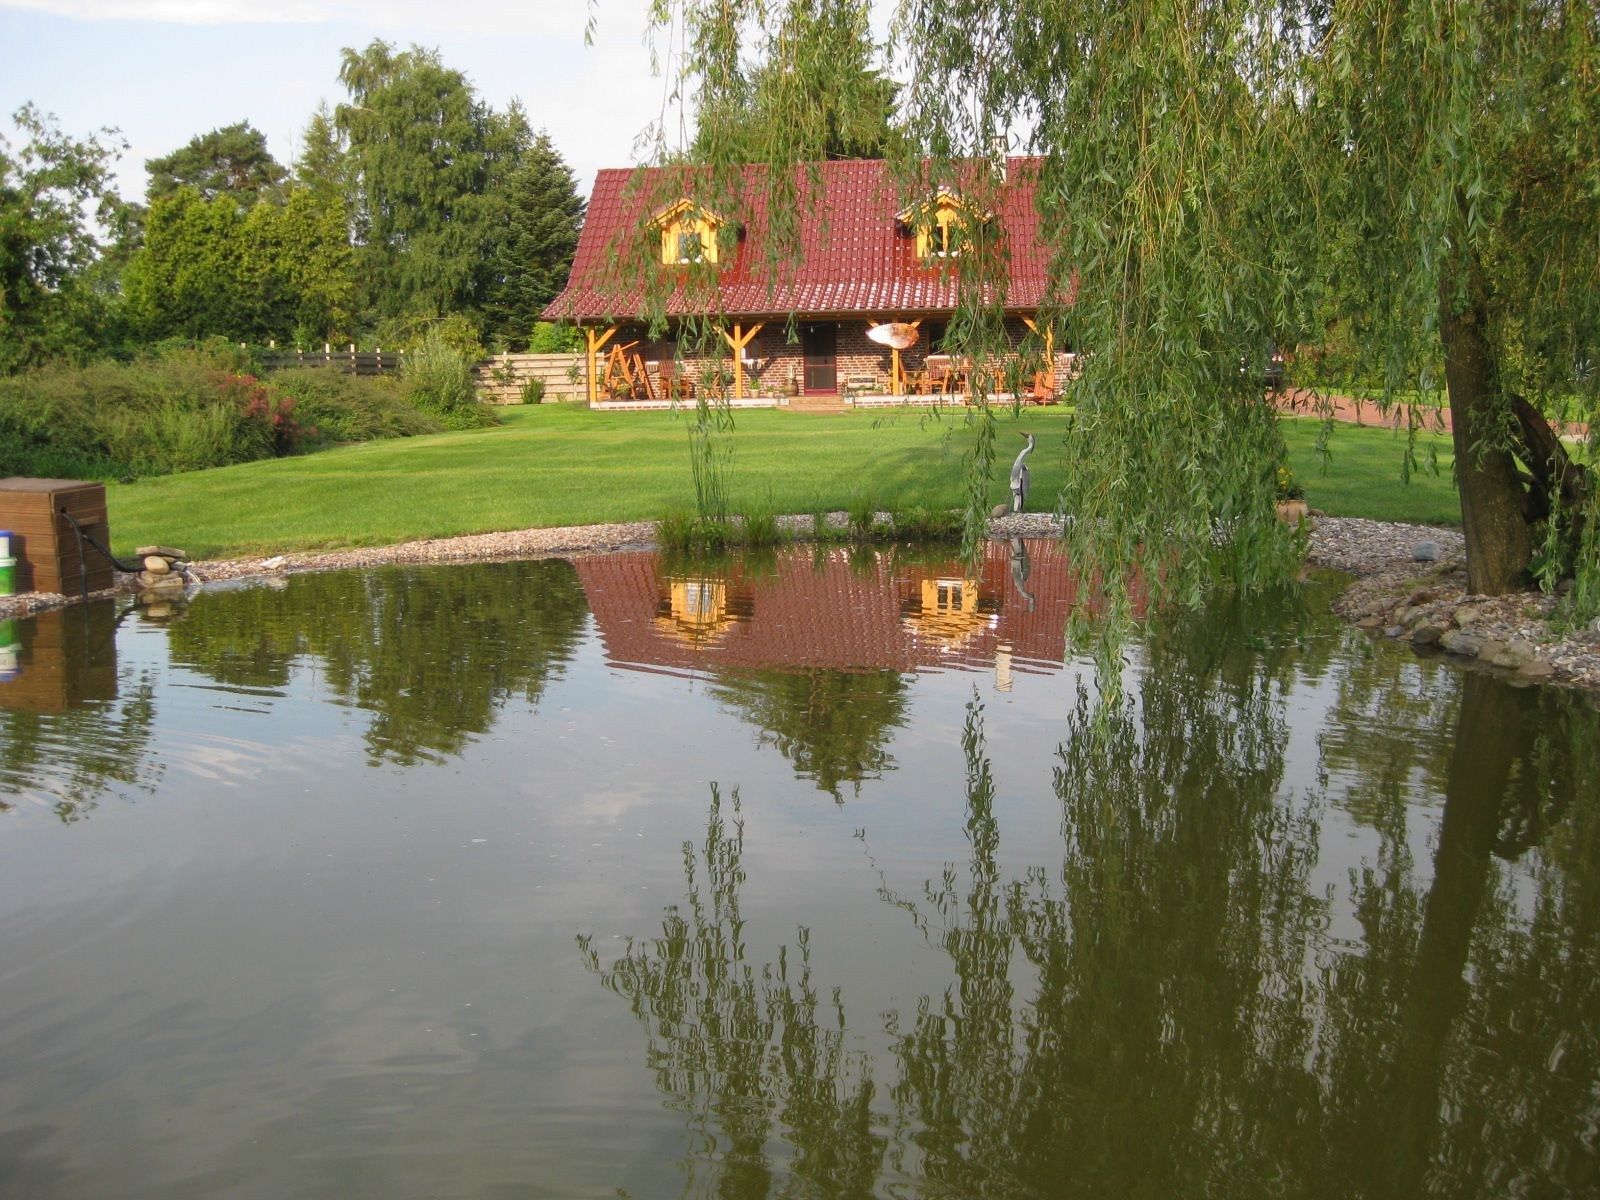 Ferienhaus Henkel, Ostfriesland, Rhauderfehn, Urlaub